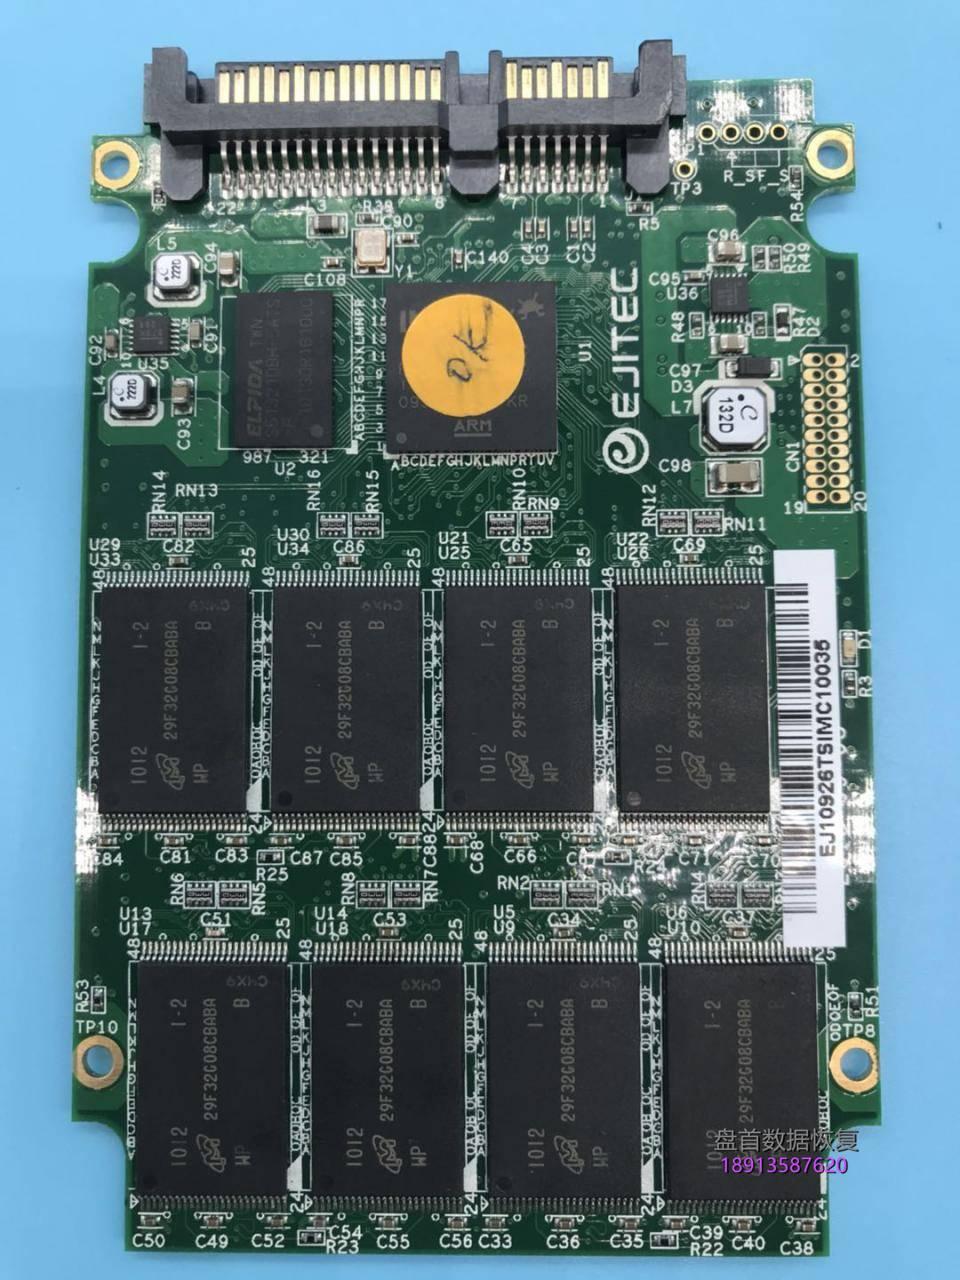 捷泰科ejs1000-64gssd固态硬盘掉盘不认盘无法识别数据恢复 捷泰科EJS1000 64GSSD固态硬盘掉盘不认盘无法识别数据恢复成功